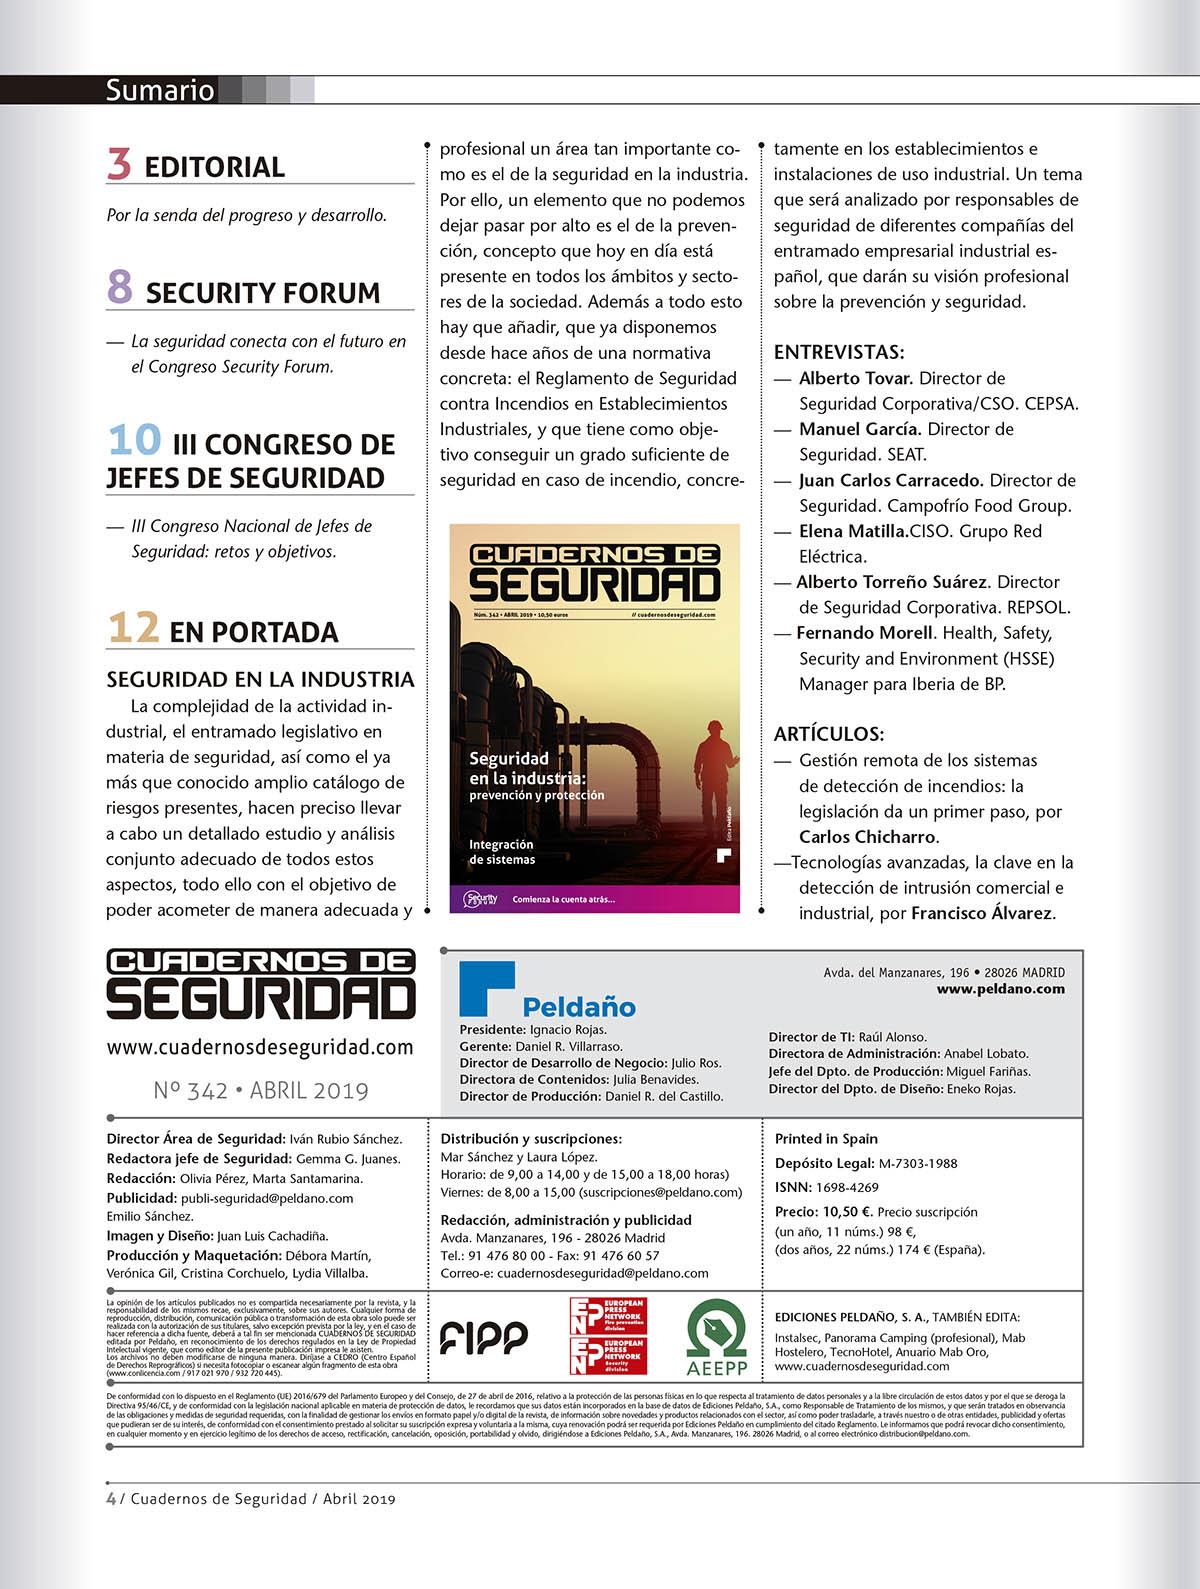 Cuadernos de Seguridad Nº 342